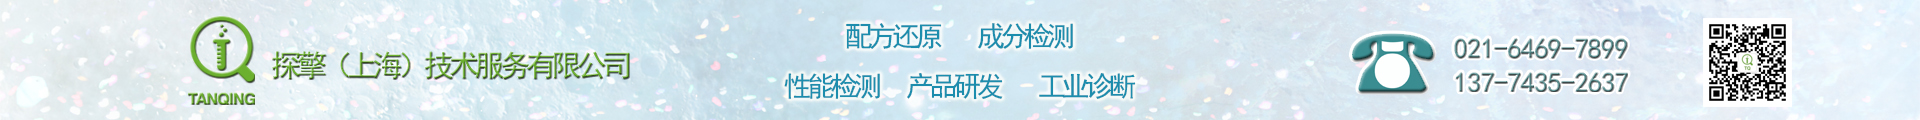 探擎(上海)技術服務有限公司